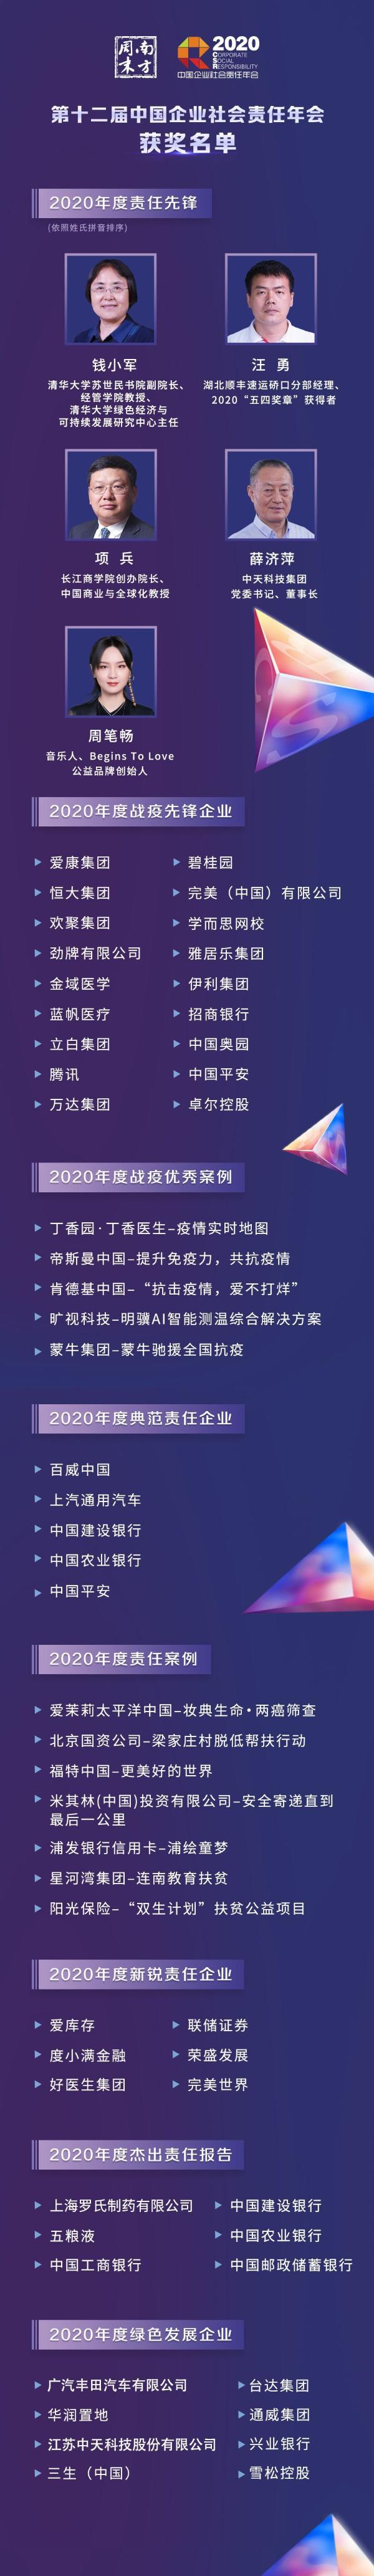 探寻疫情下的责任新风向 南方周末2020中国企业社会责任年会落幕